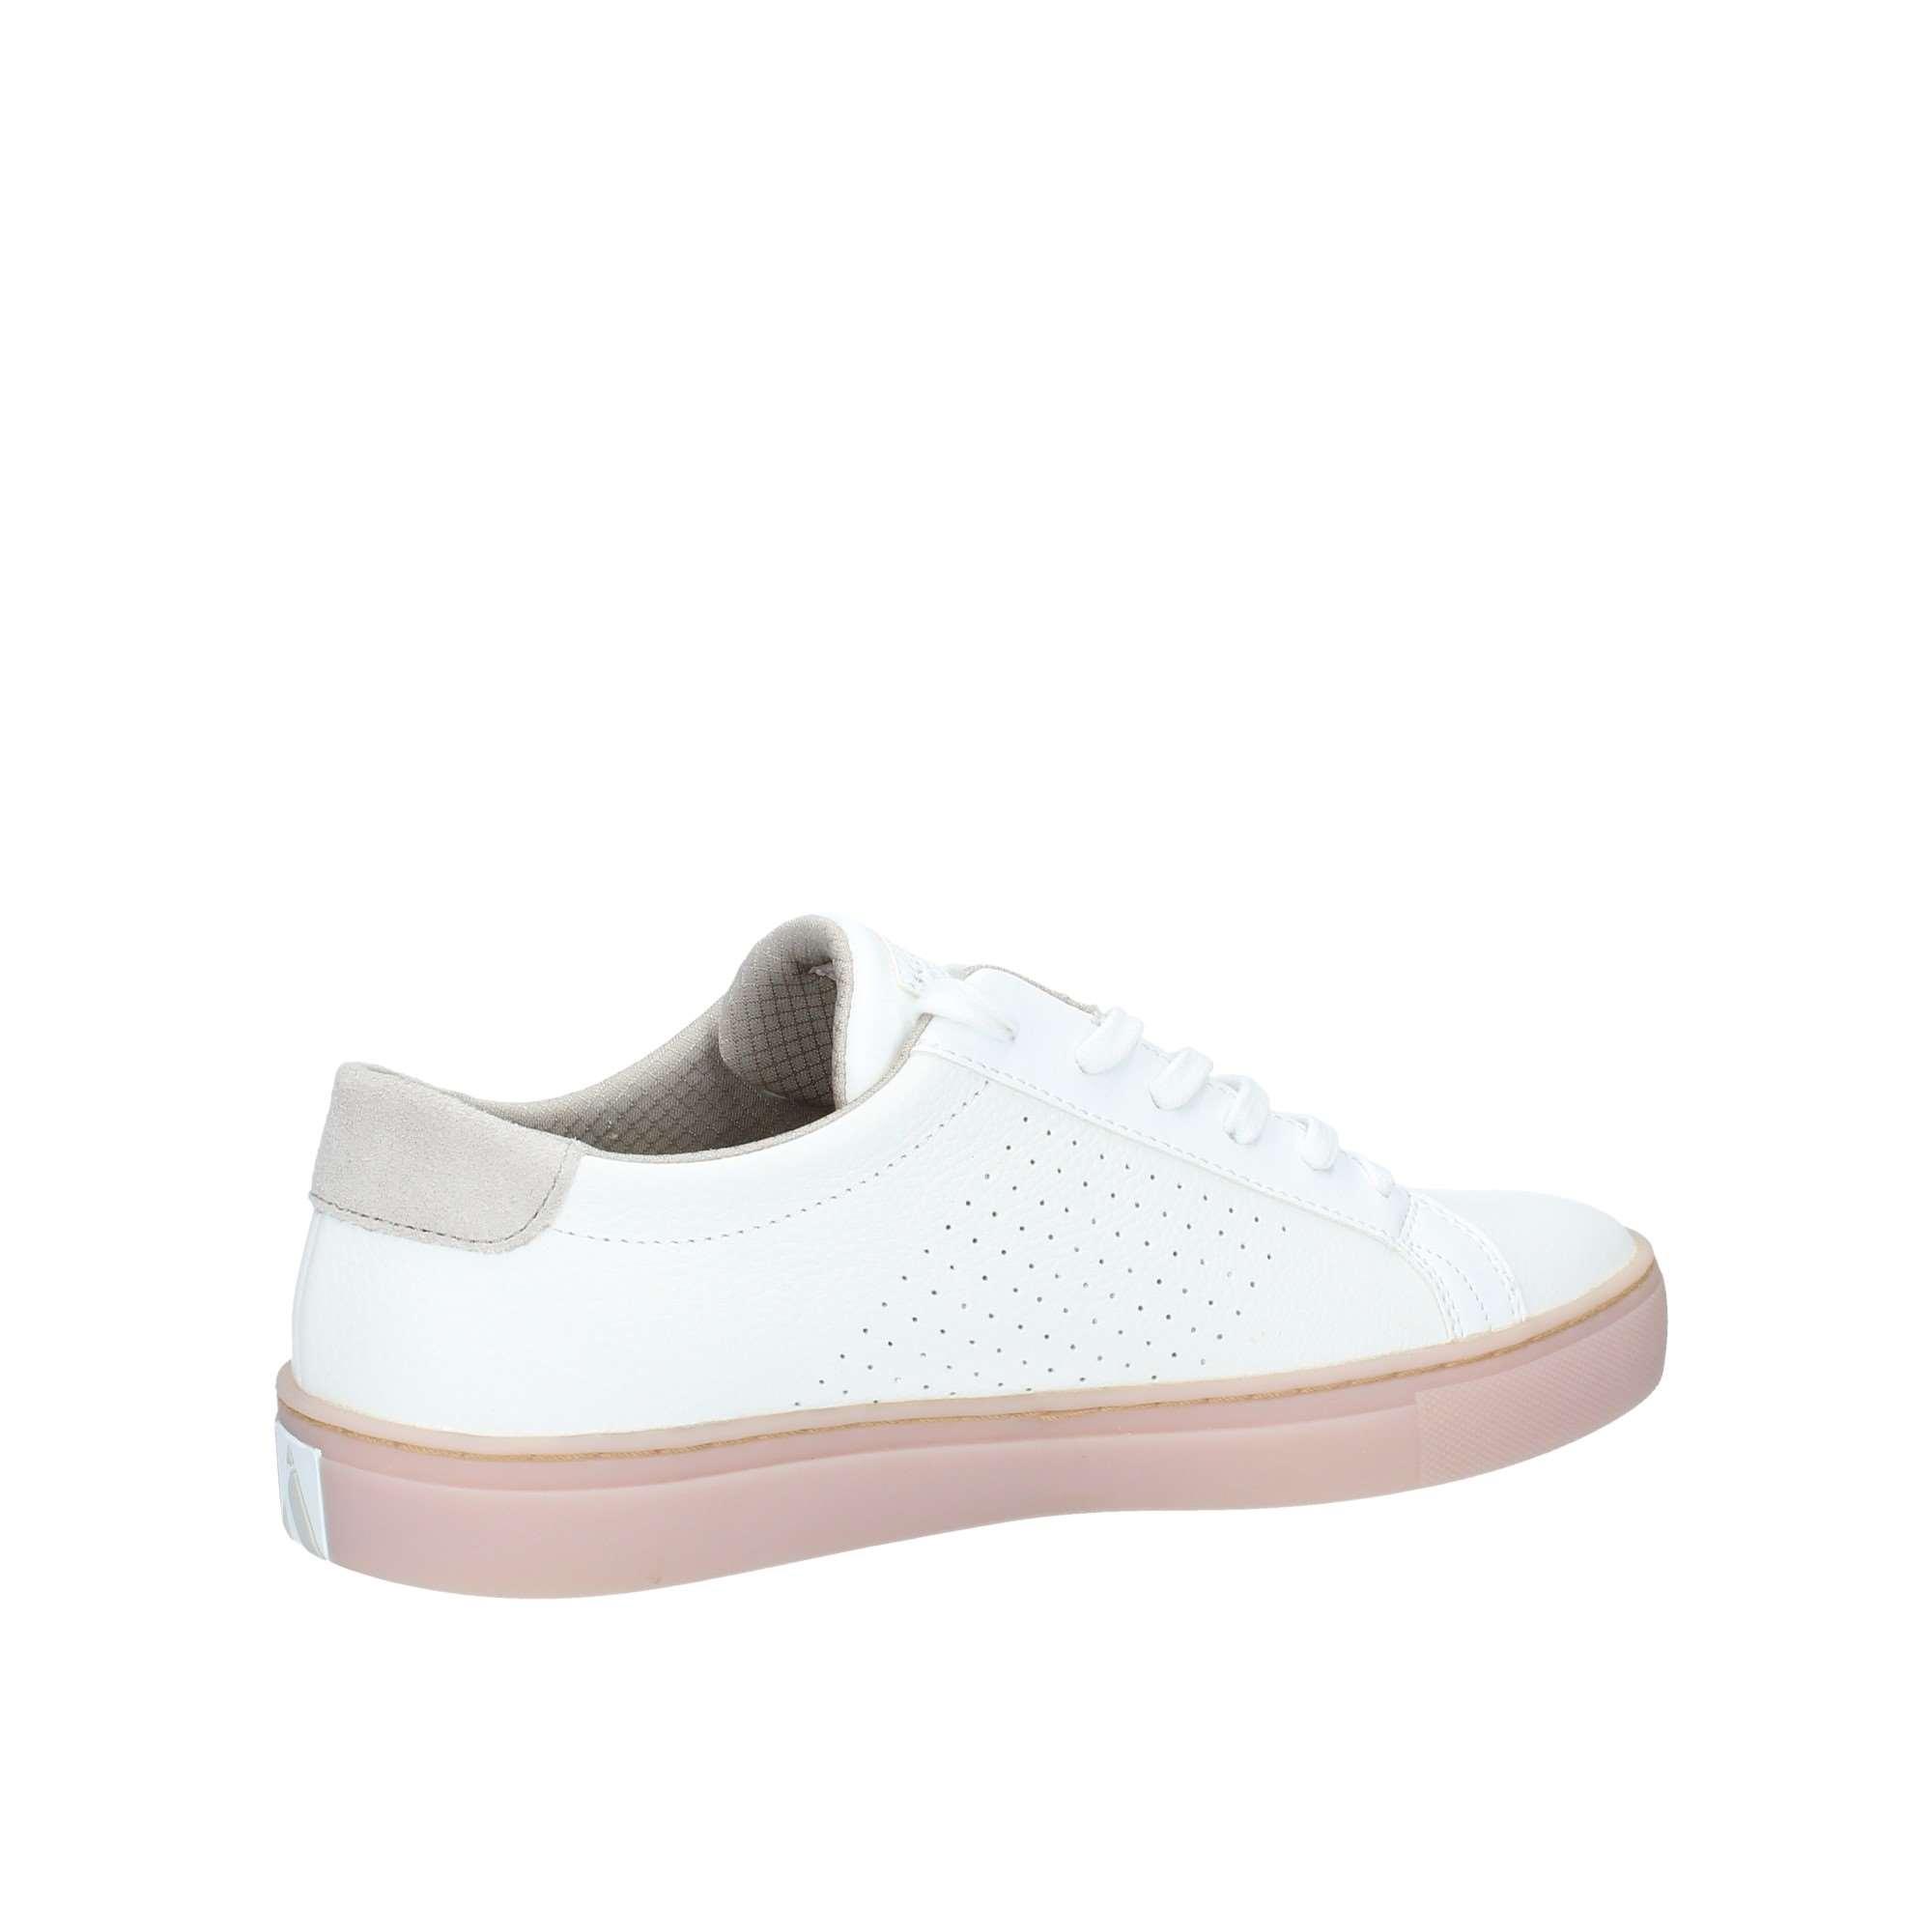 Skechers 52442 scarpe da ginnastica Uomo Autunno Inverno       Prestazioni Affidabili    Scolaro/Signora Scarpa  8c71cd